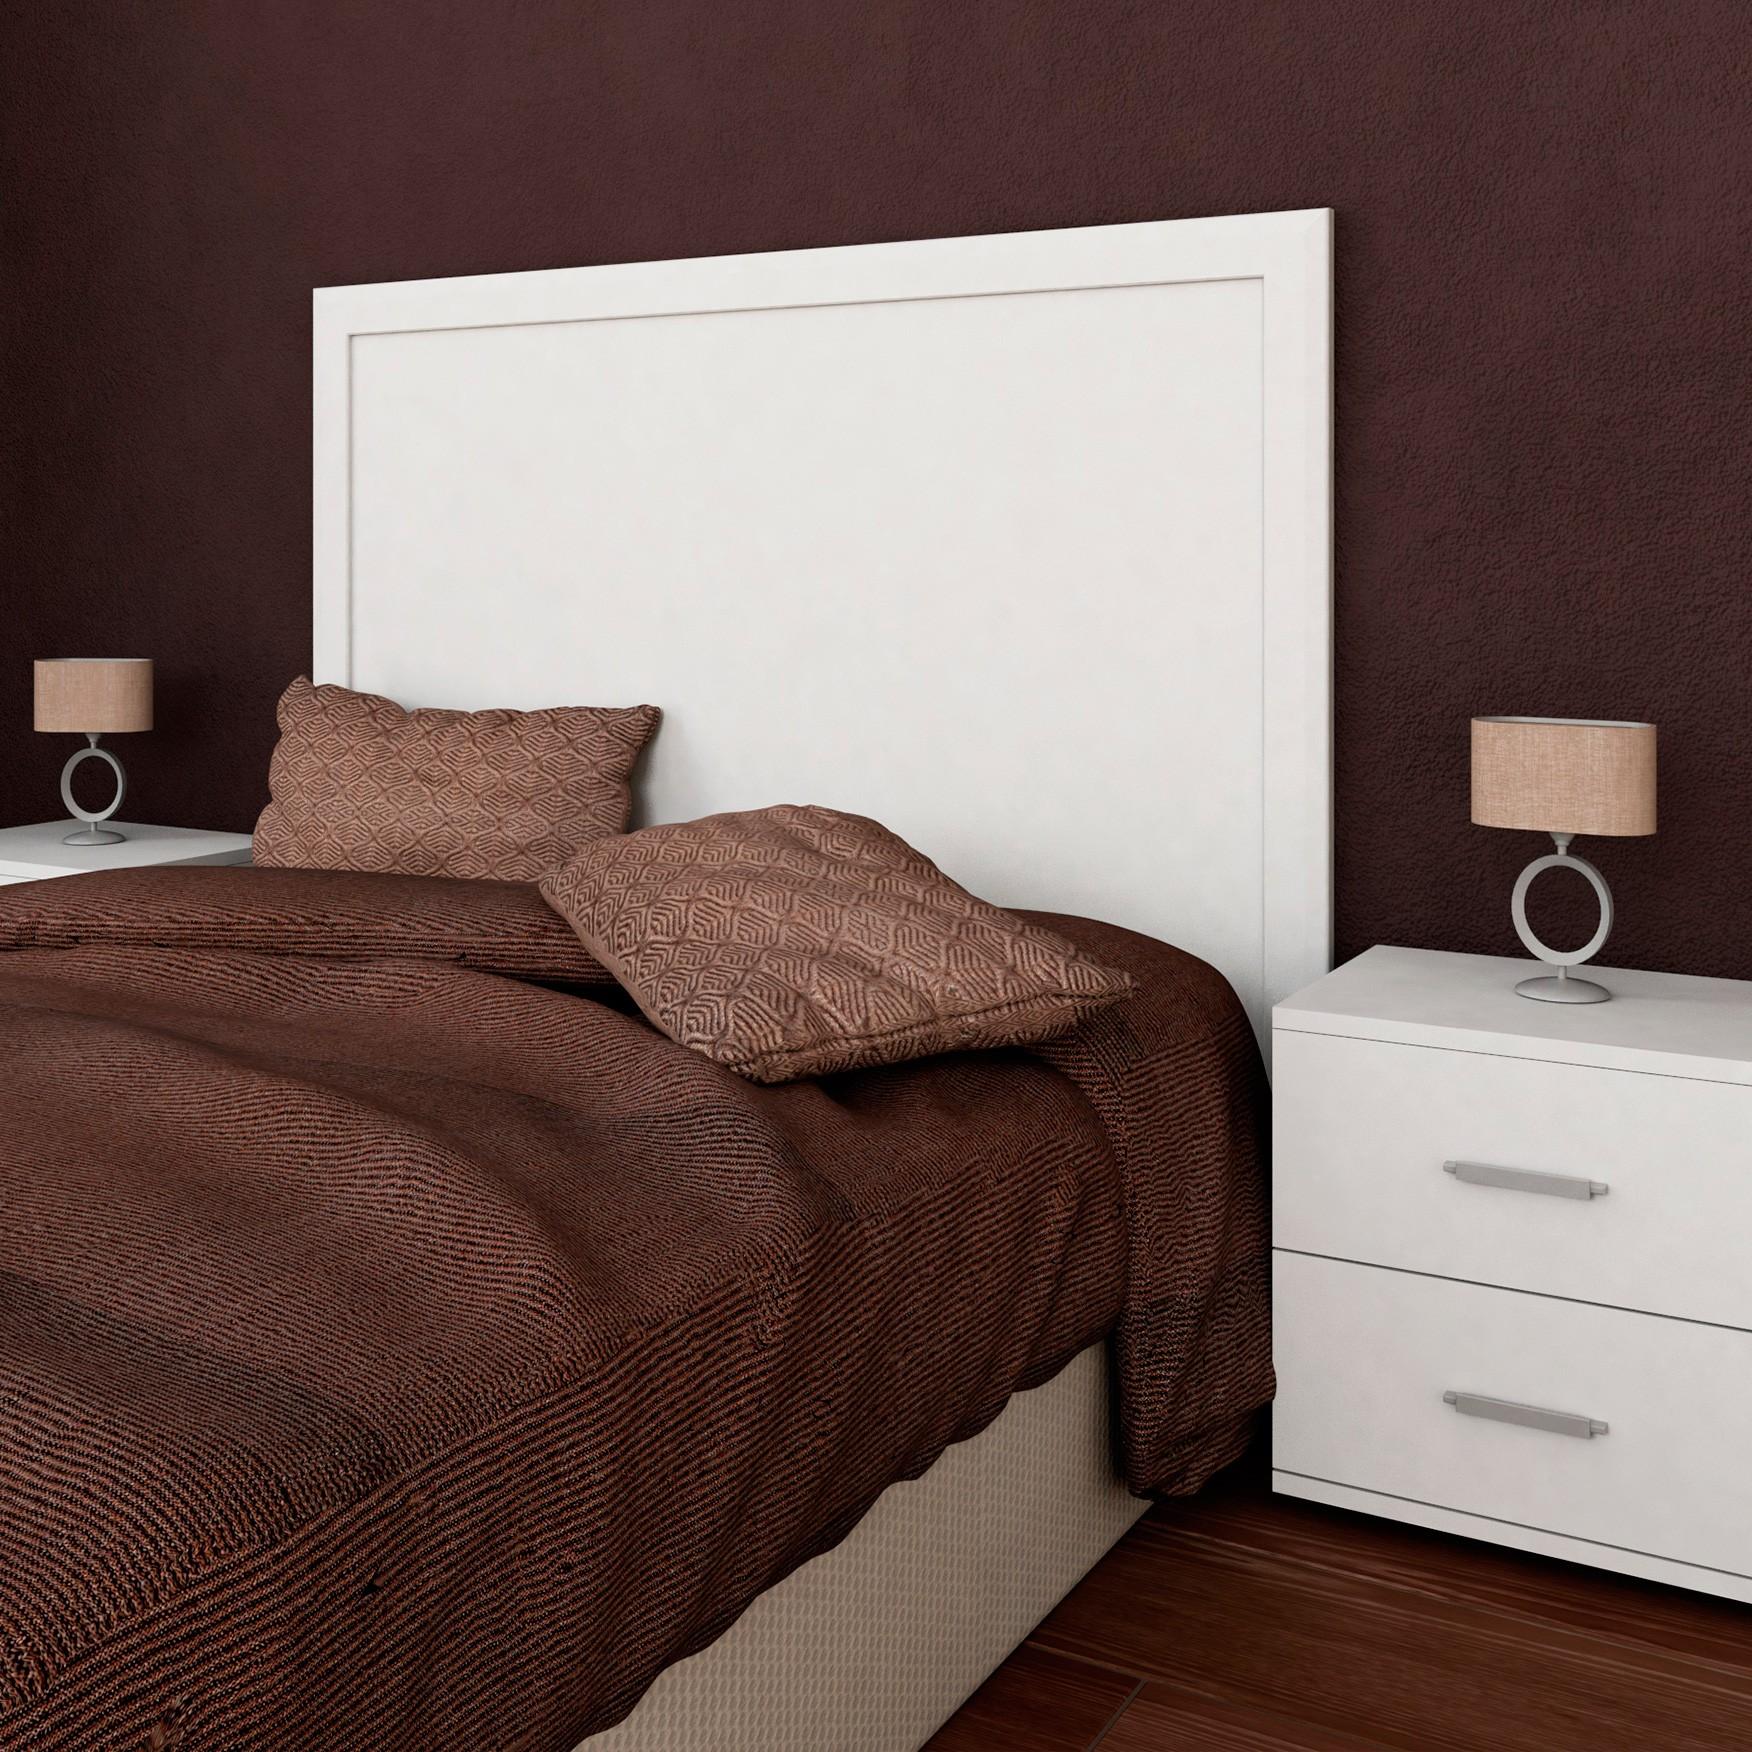 Cabecero de cama blanco elegant cabecero y cama de forja for Cabecero cama blanco